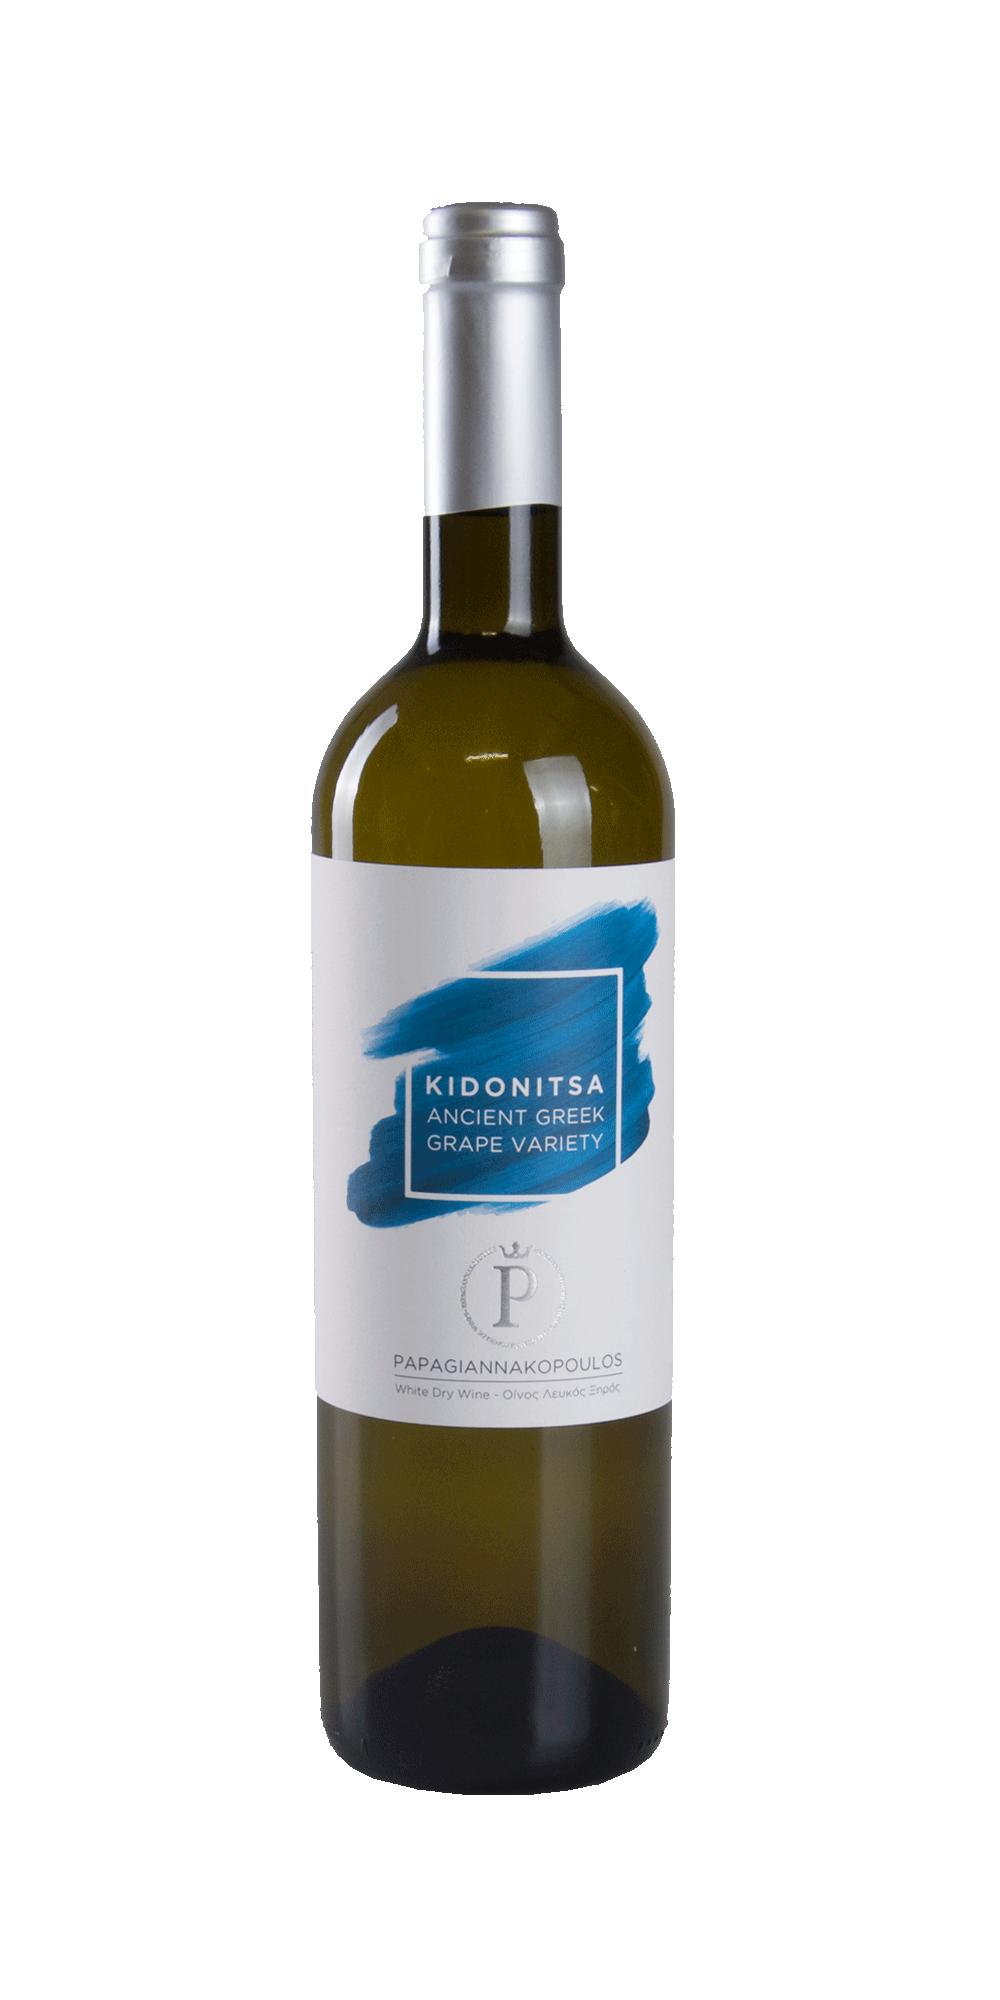 Kidonitsa 2020 - Papagiannakopoulos Winery